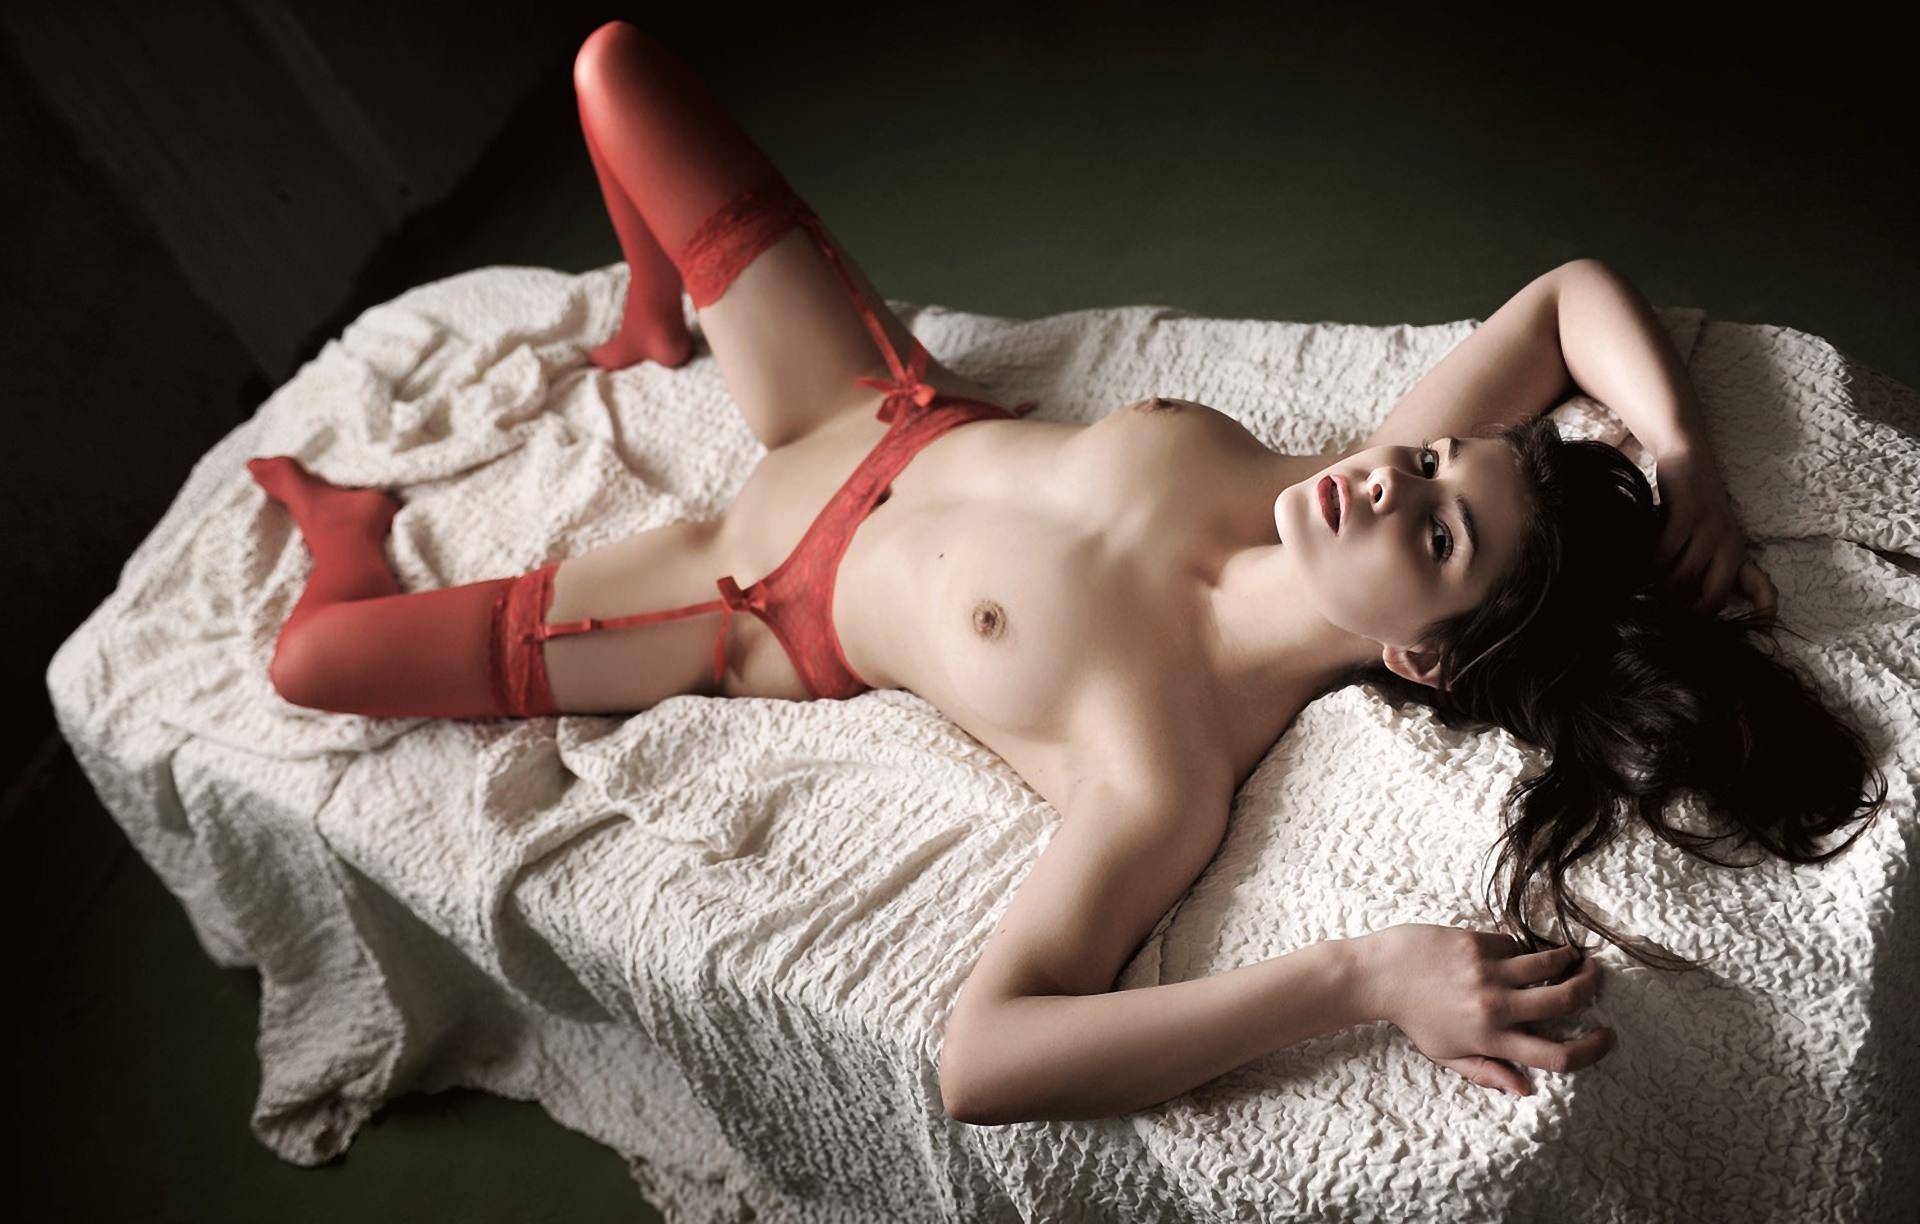 Фото Красные чулки, голая грудь, брюнетка лежит, скачать картинку бесплатно